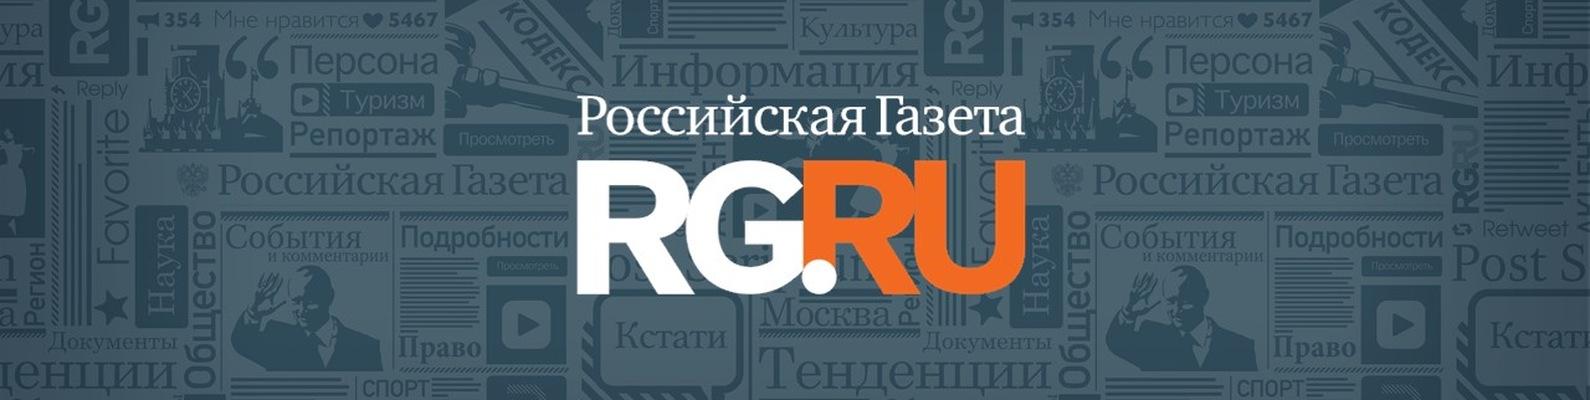 Картинки по запросу Российская газета